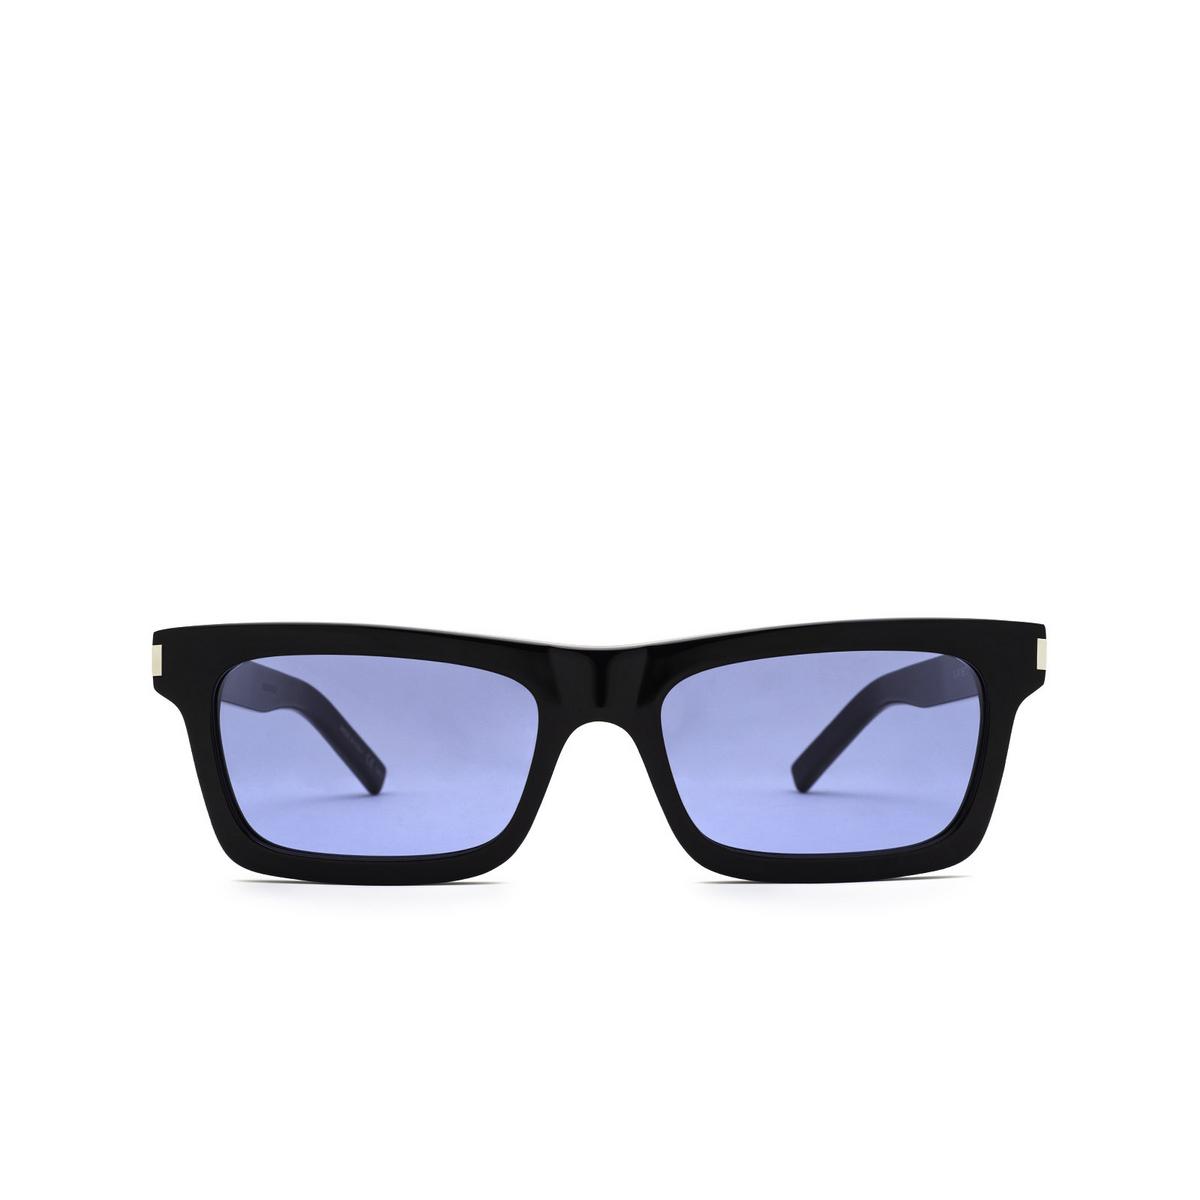 Saint Laurent® Rectangle Sunglasses: Betty SL 461 color Black 009 - front view.